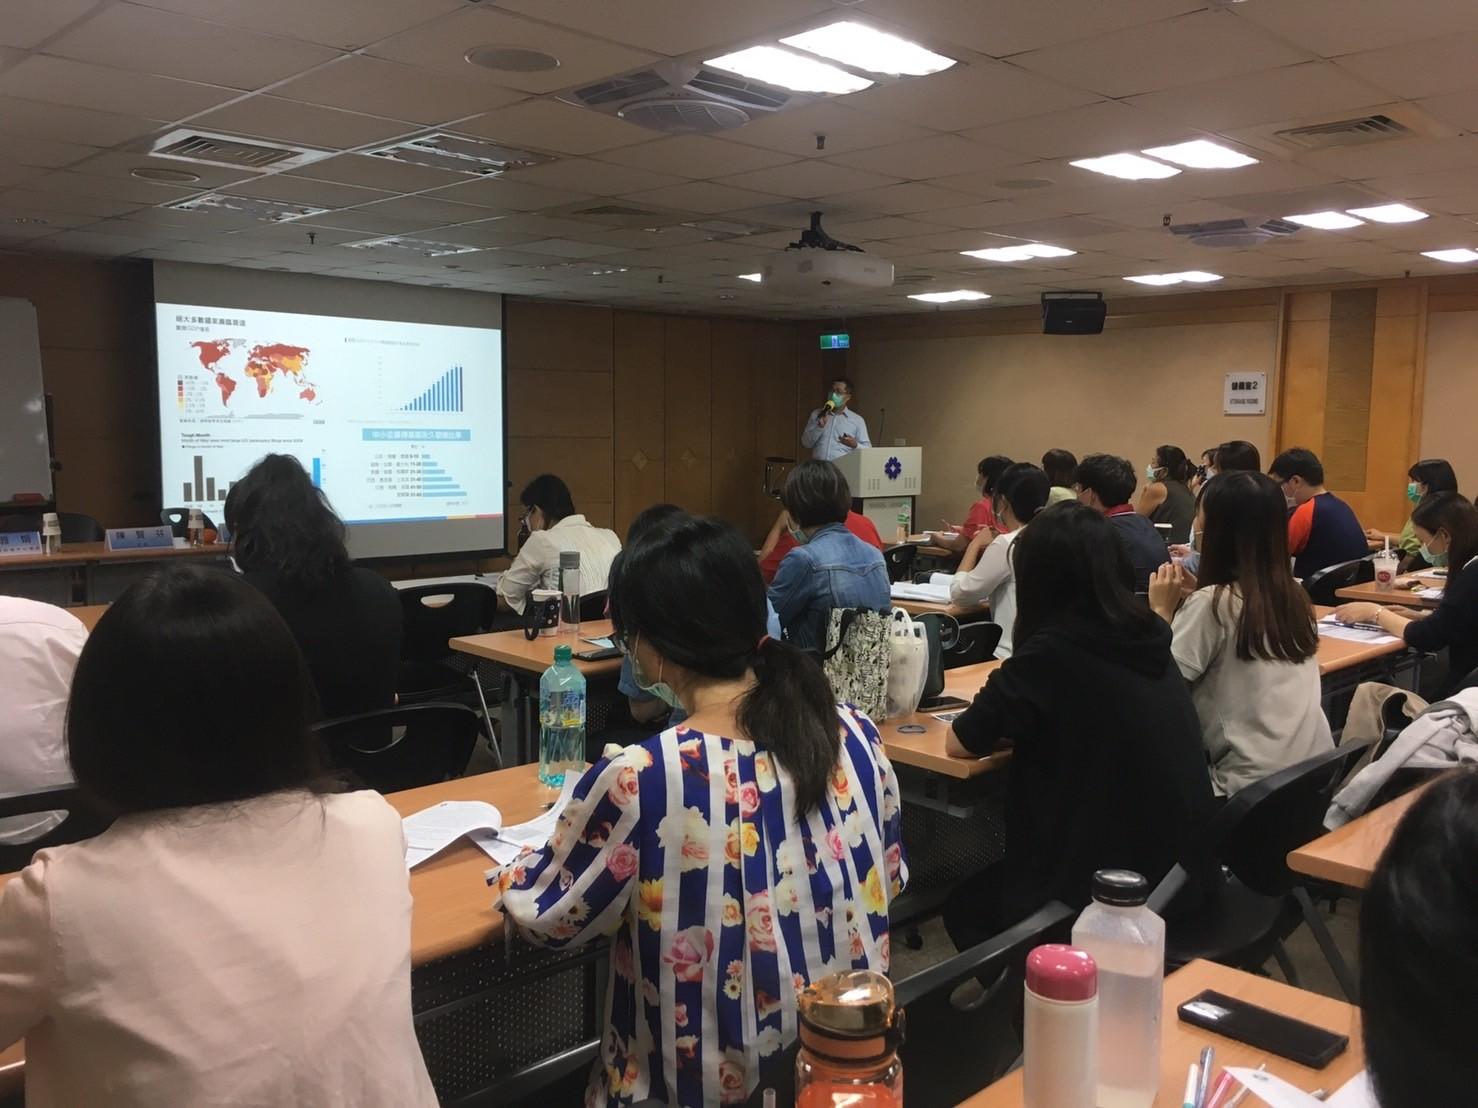 圖片說明-台南分行於109年09月09日與經濟部國貿局、貿協台南辦事處及臺南市工商發展投資策進會等單位合辦「2020年版國貿條規解析」研討會